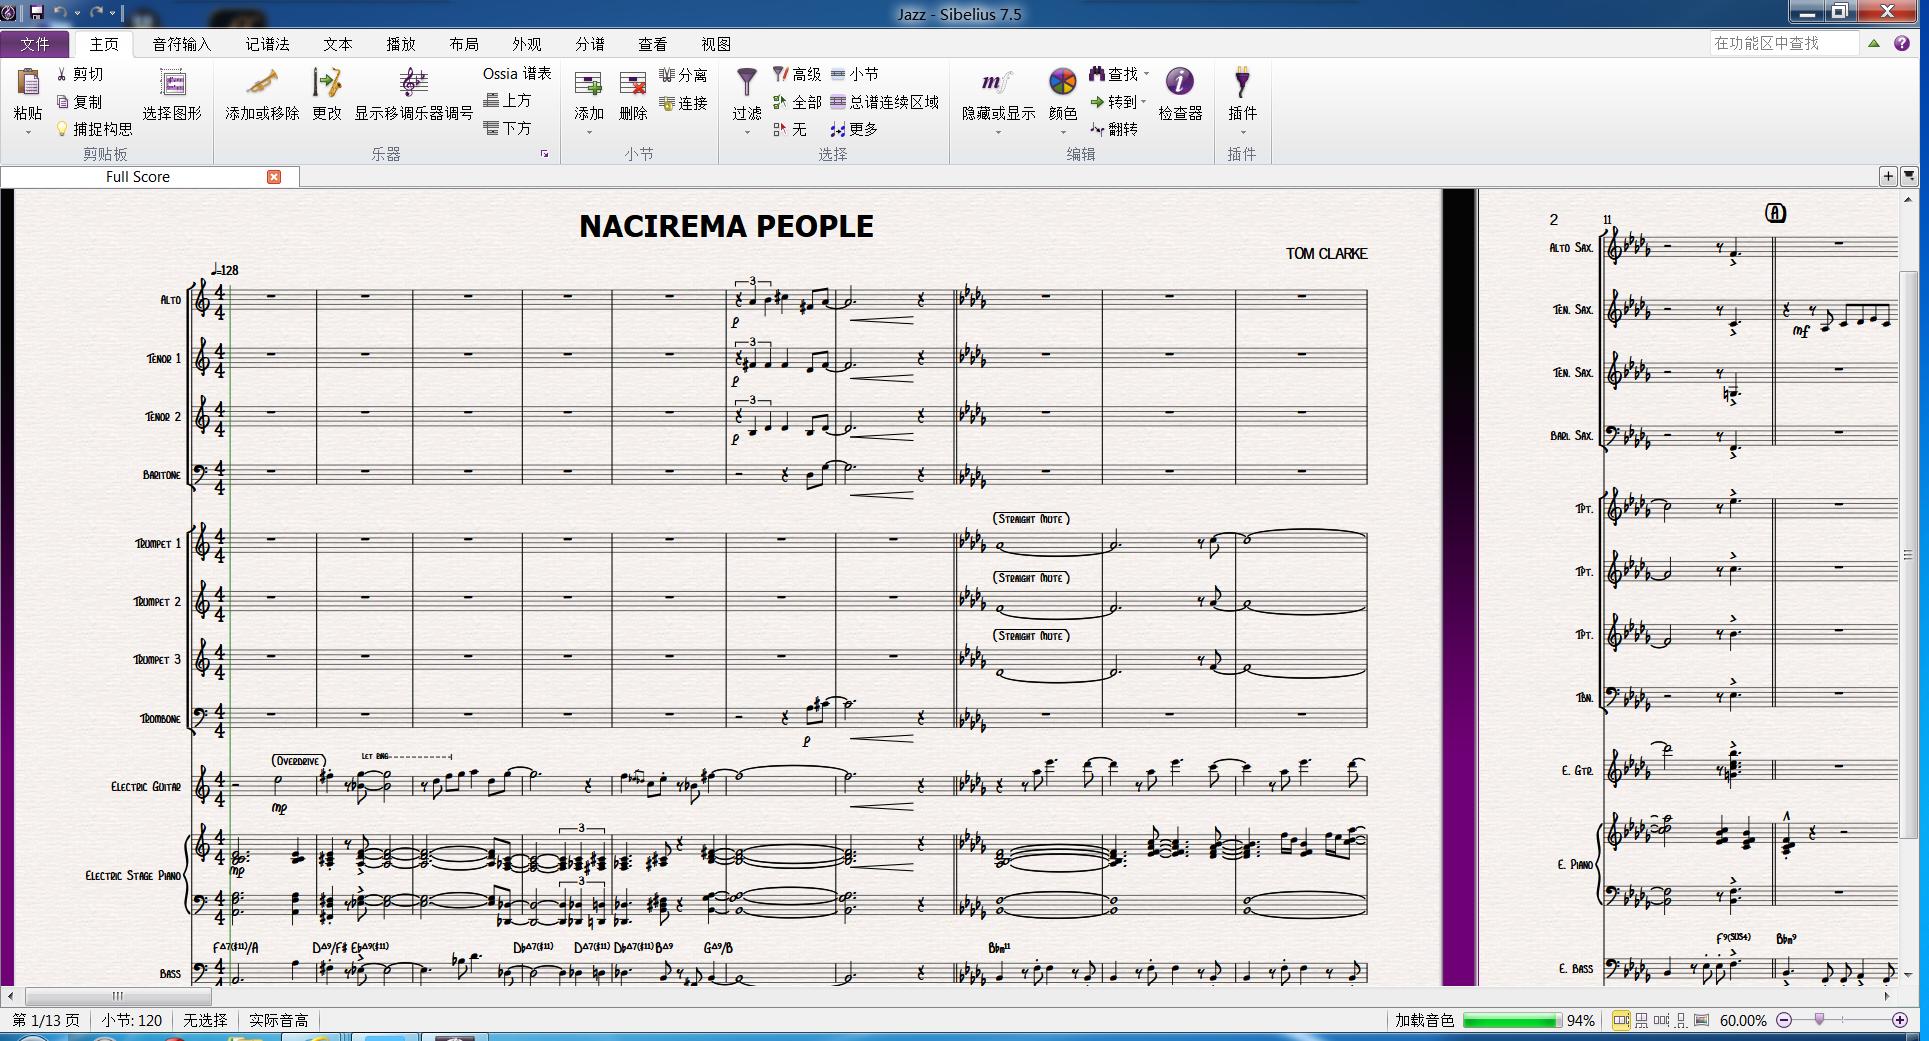 最好的打谱软件Sibelius 7.5